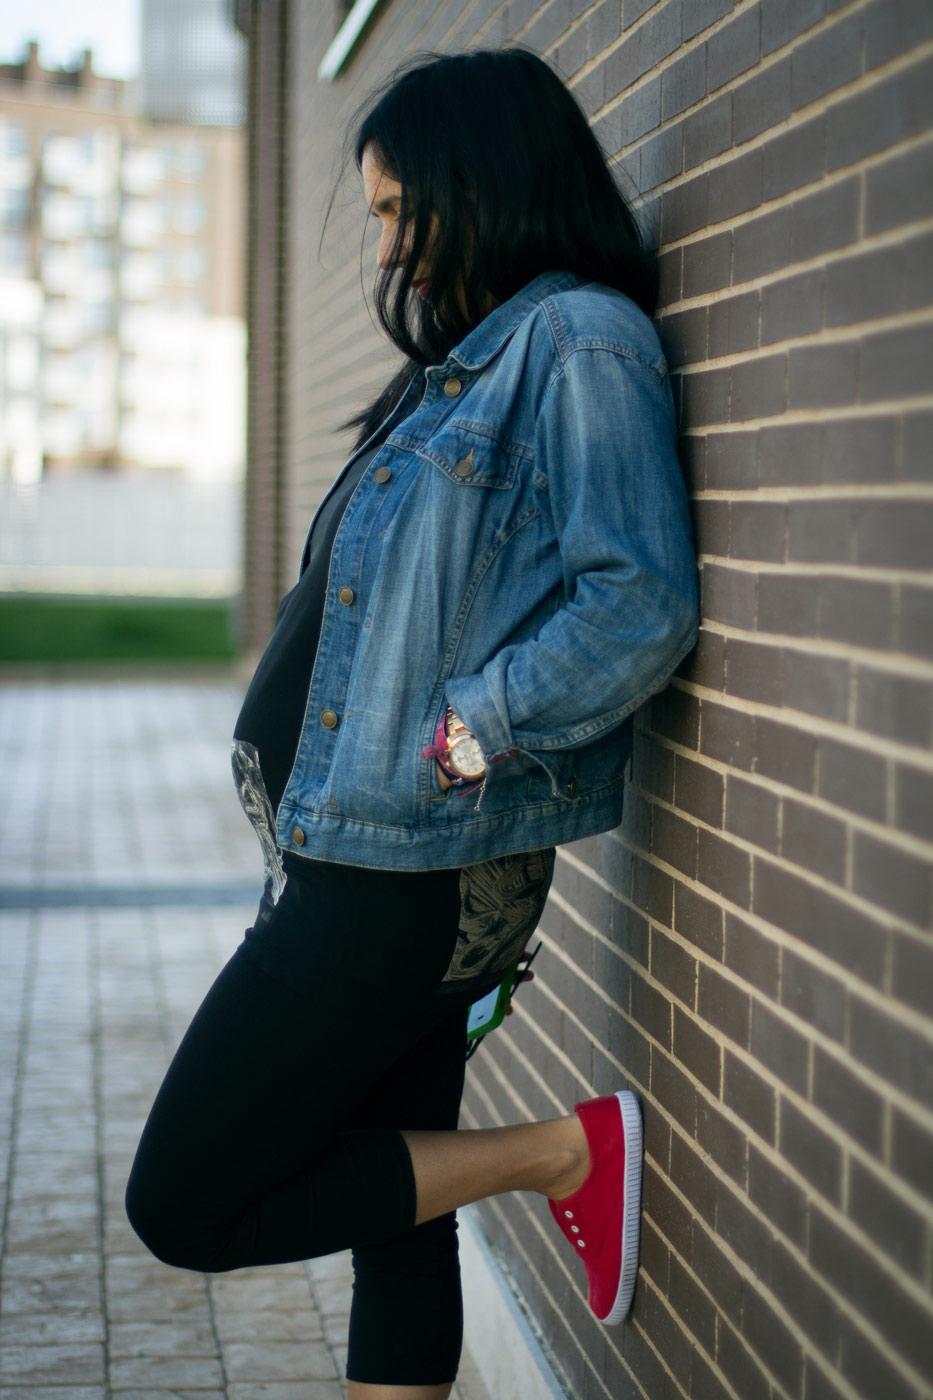 mujer embarazada apoyada en una pared de ladrillos